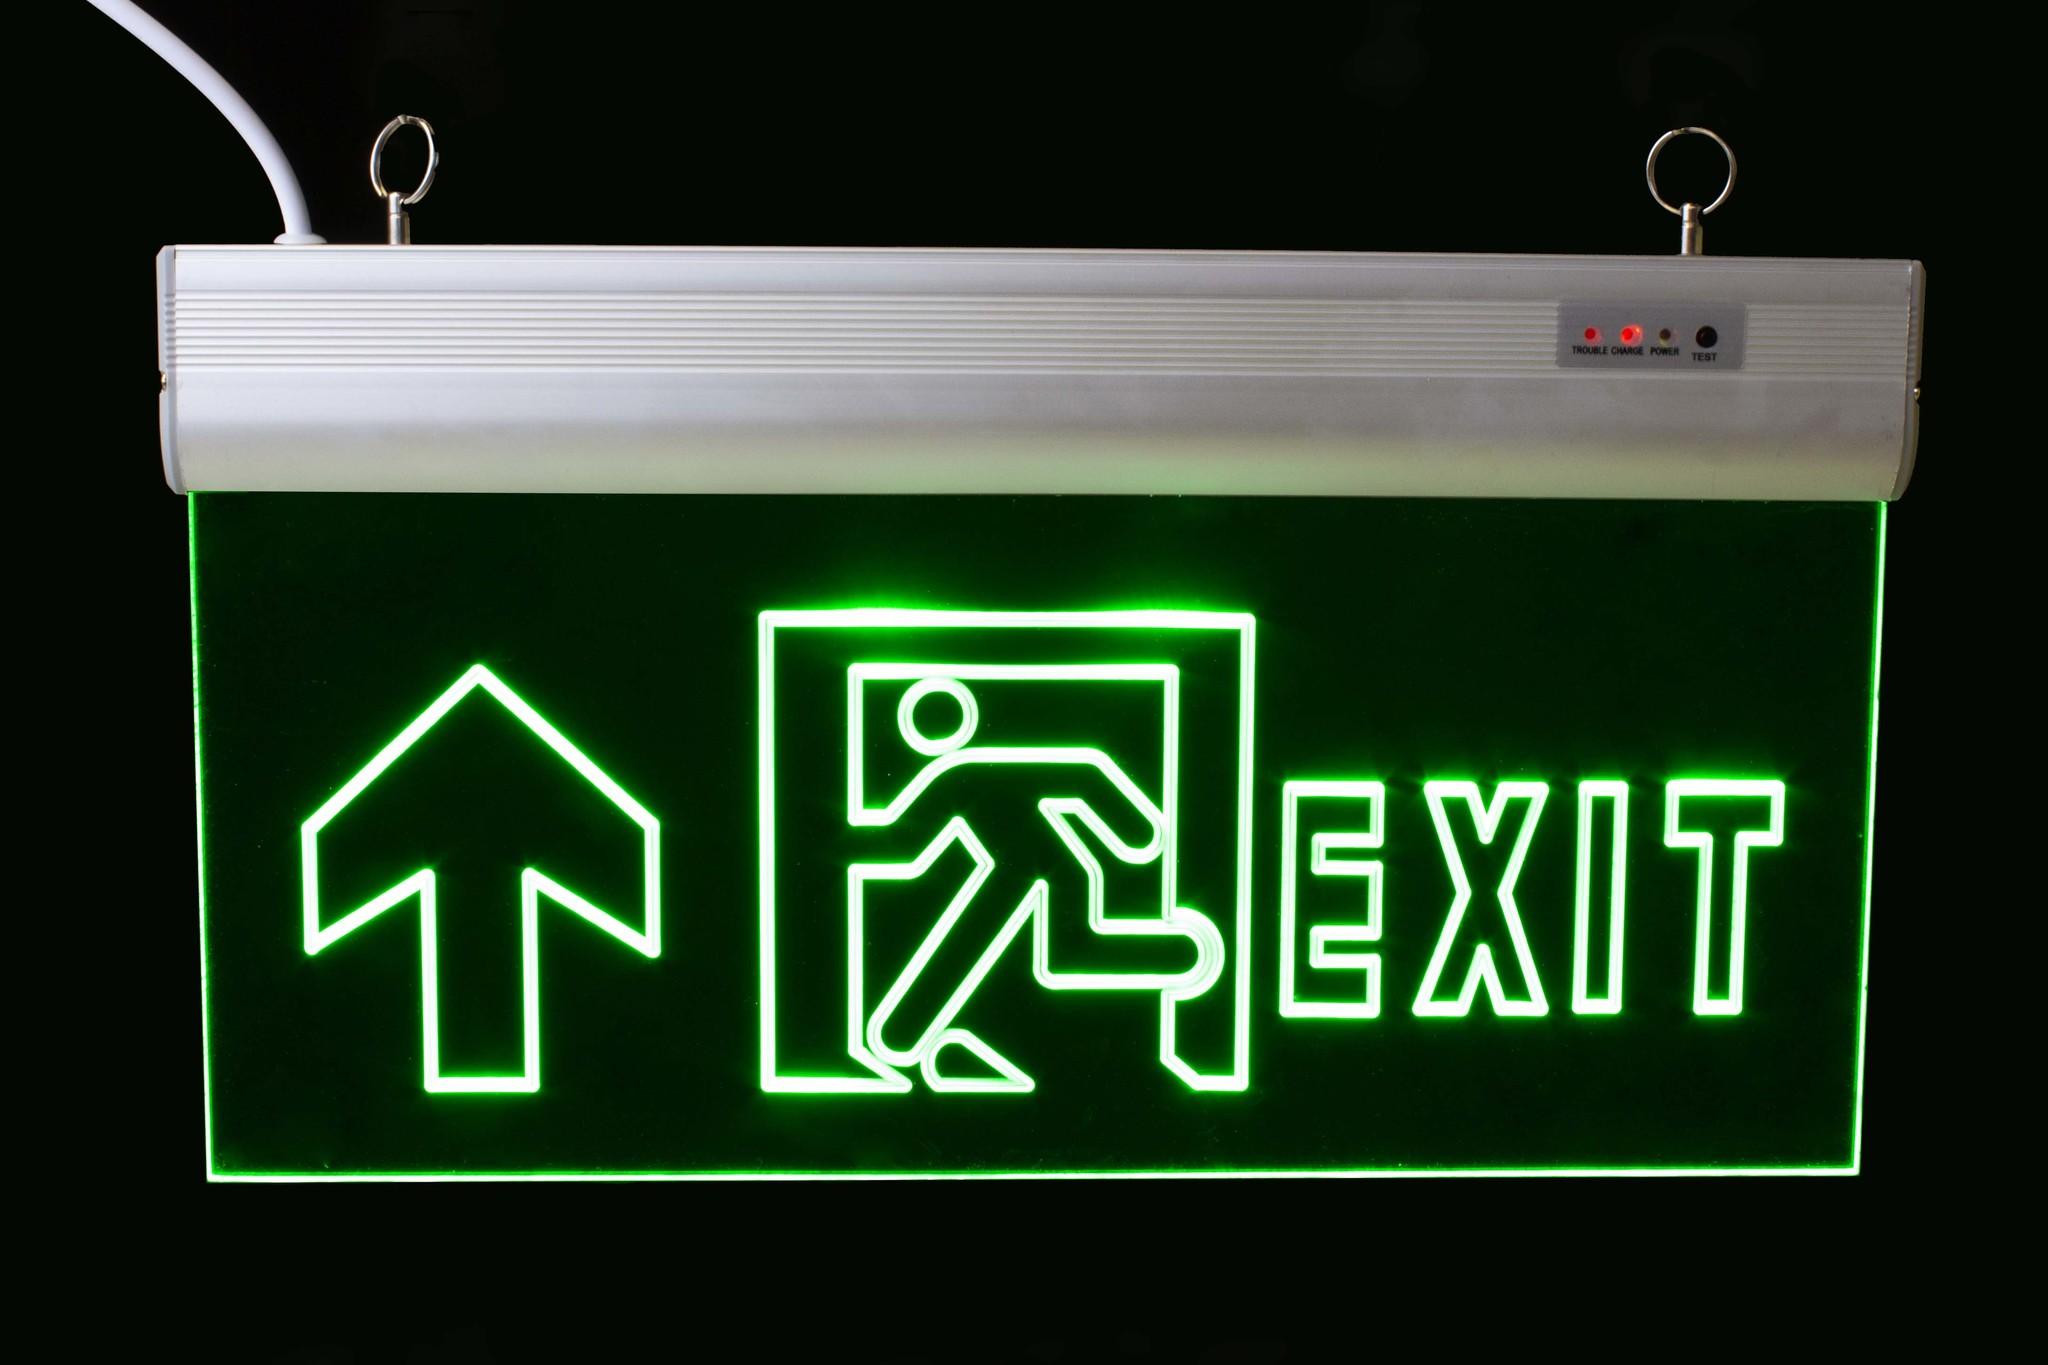 Nooduitgang LED Verlichting Rechtdoor Up, 3W, 90min EL